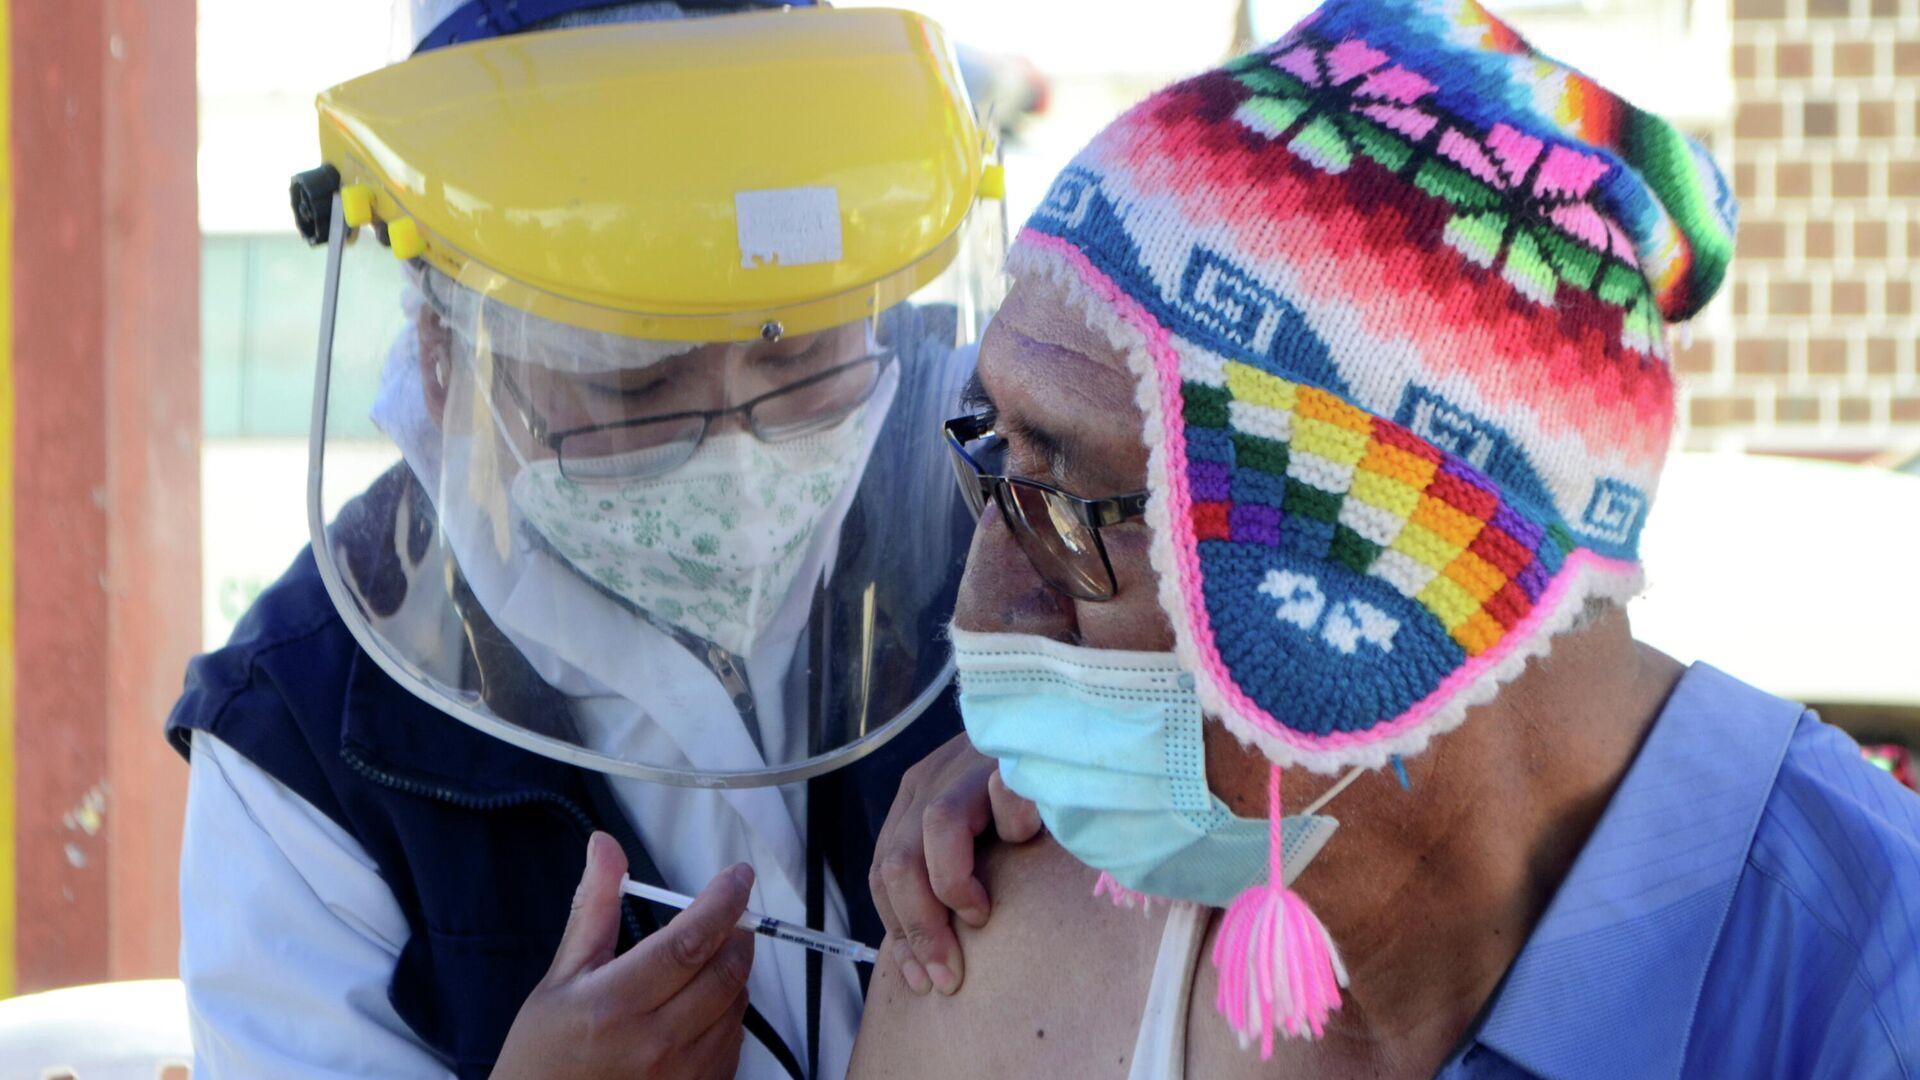 Vacunación contra el coronavirus en Bolivia - Sputnik Mundo, 1920, 08.06.2021